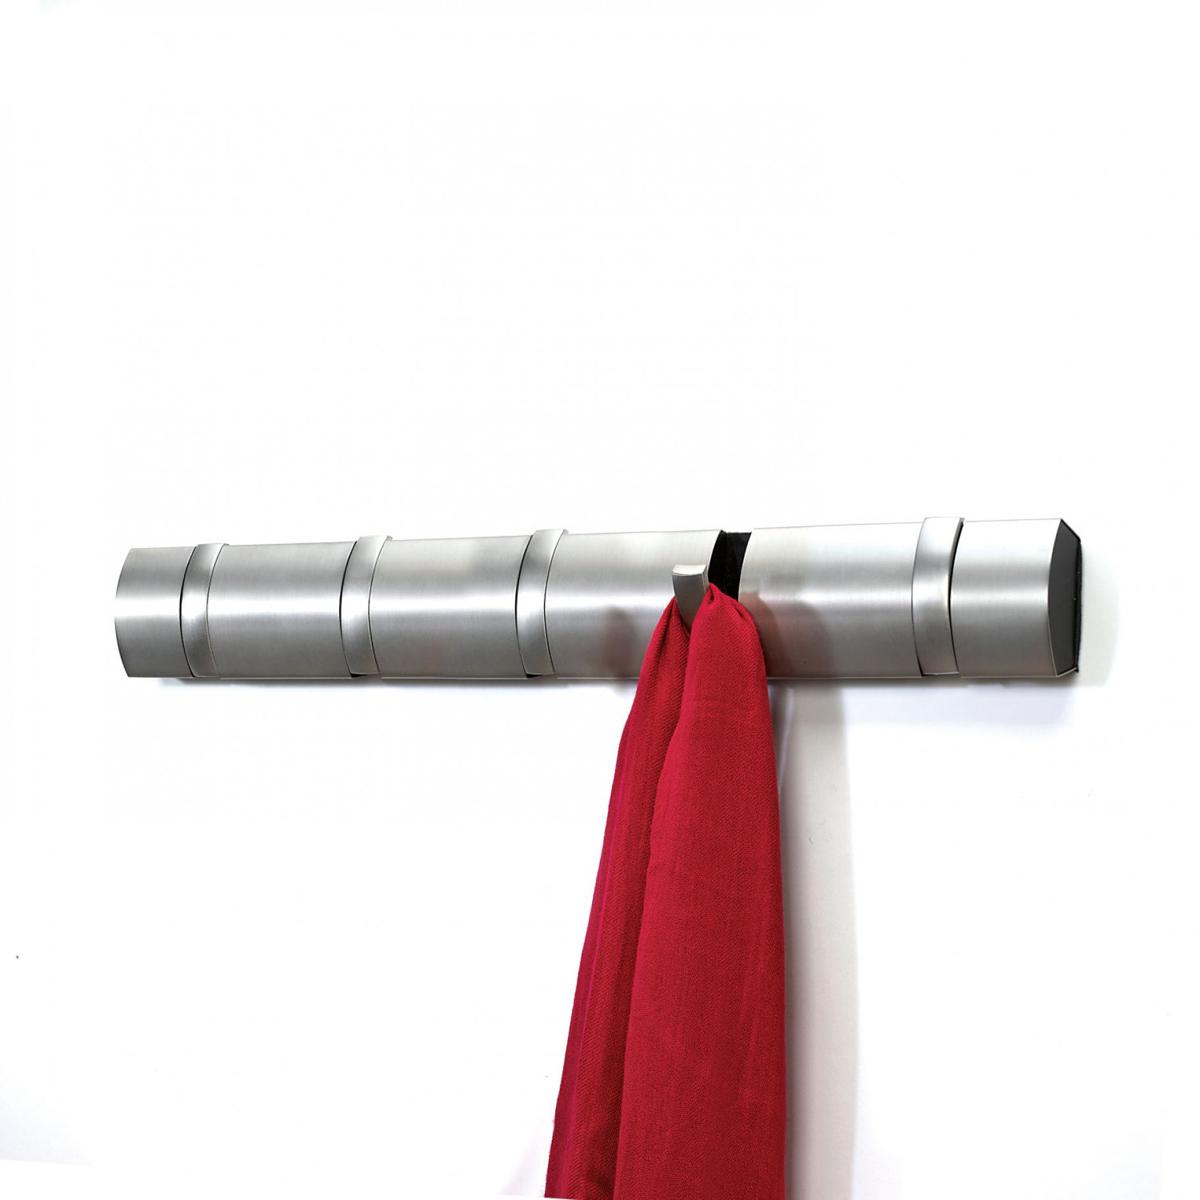 Вешалка настенная Umbra Flip, цвет: стальной, 5 крючков. 318852-410 umbra вешалка настенная sticks серая